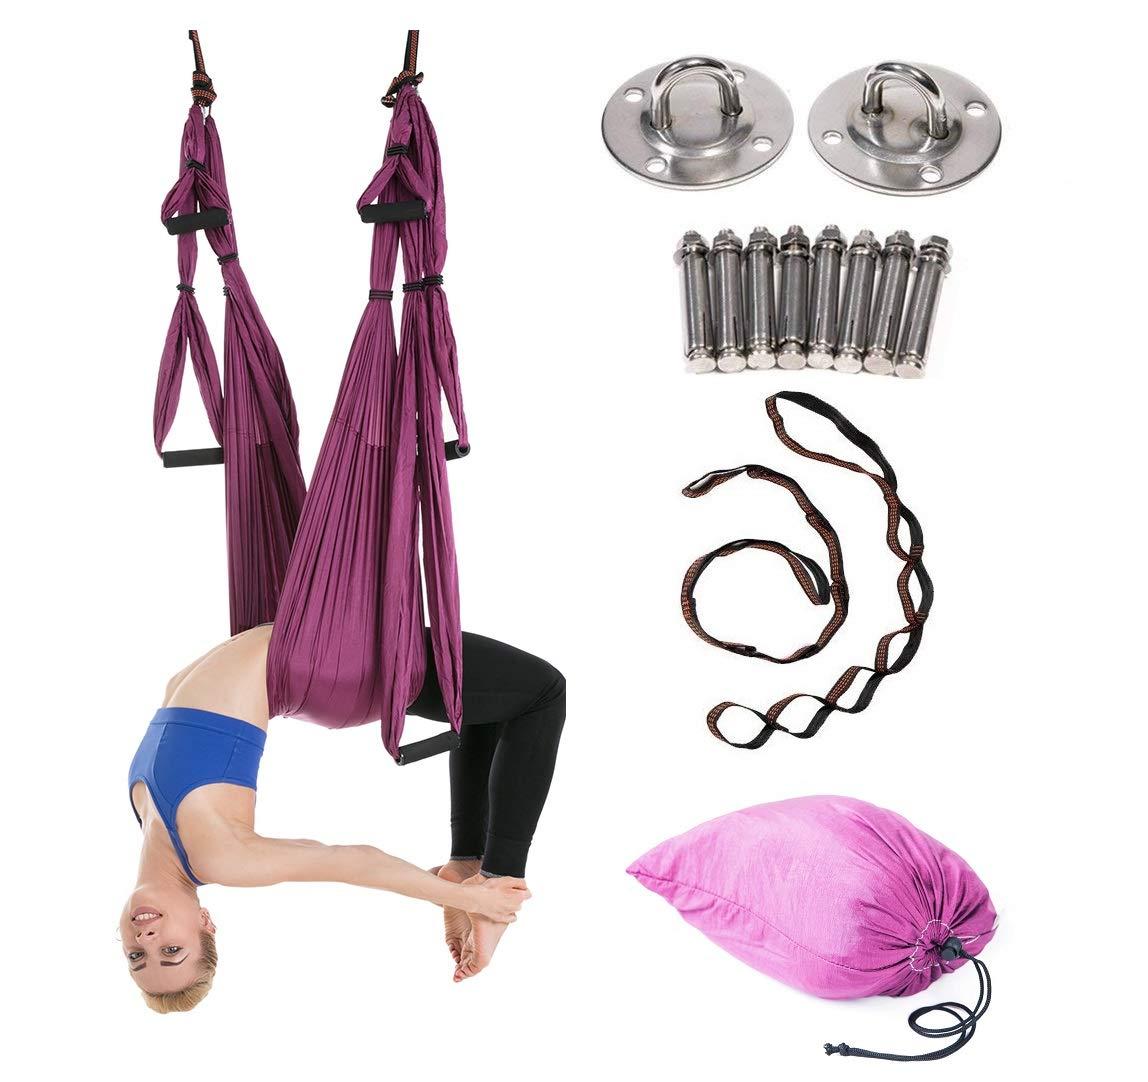 JIALFA Aerial Yoga Hängematten,Ultra Starke Antigravity Yoga Schaukel,Luft Trapez Kit - Inversionsübungen, Verbesserte Flexibilität & Kernfestigkeit - Montagezubehör Inklusive